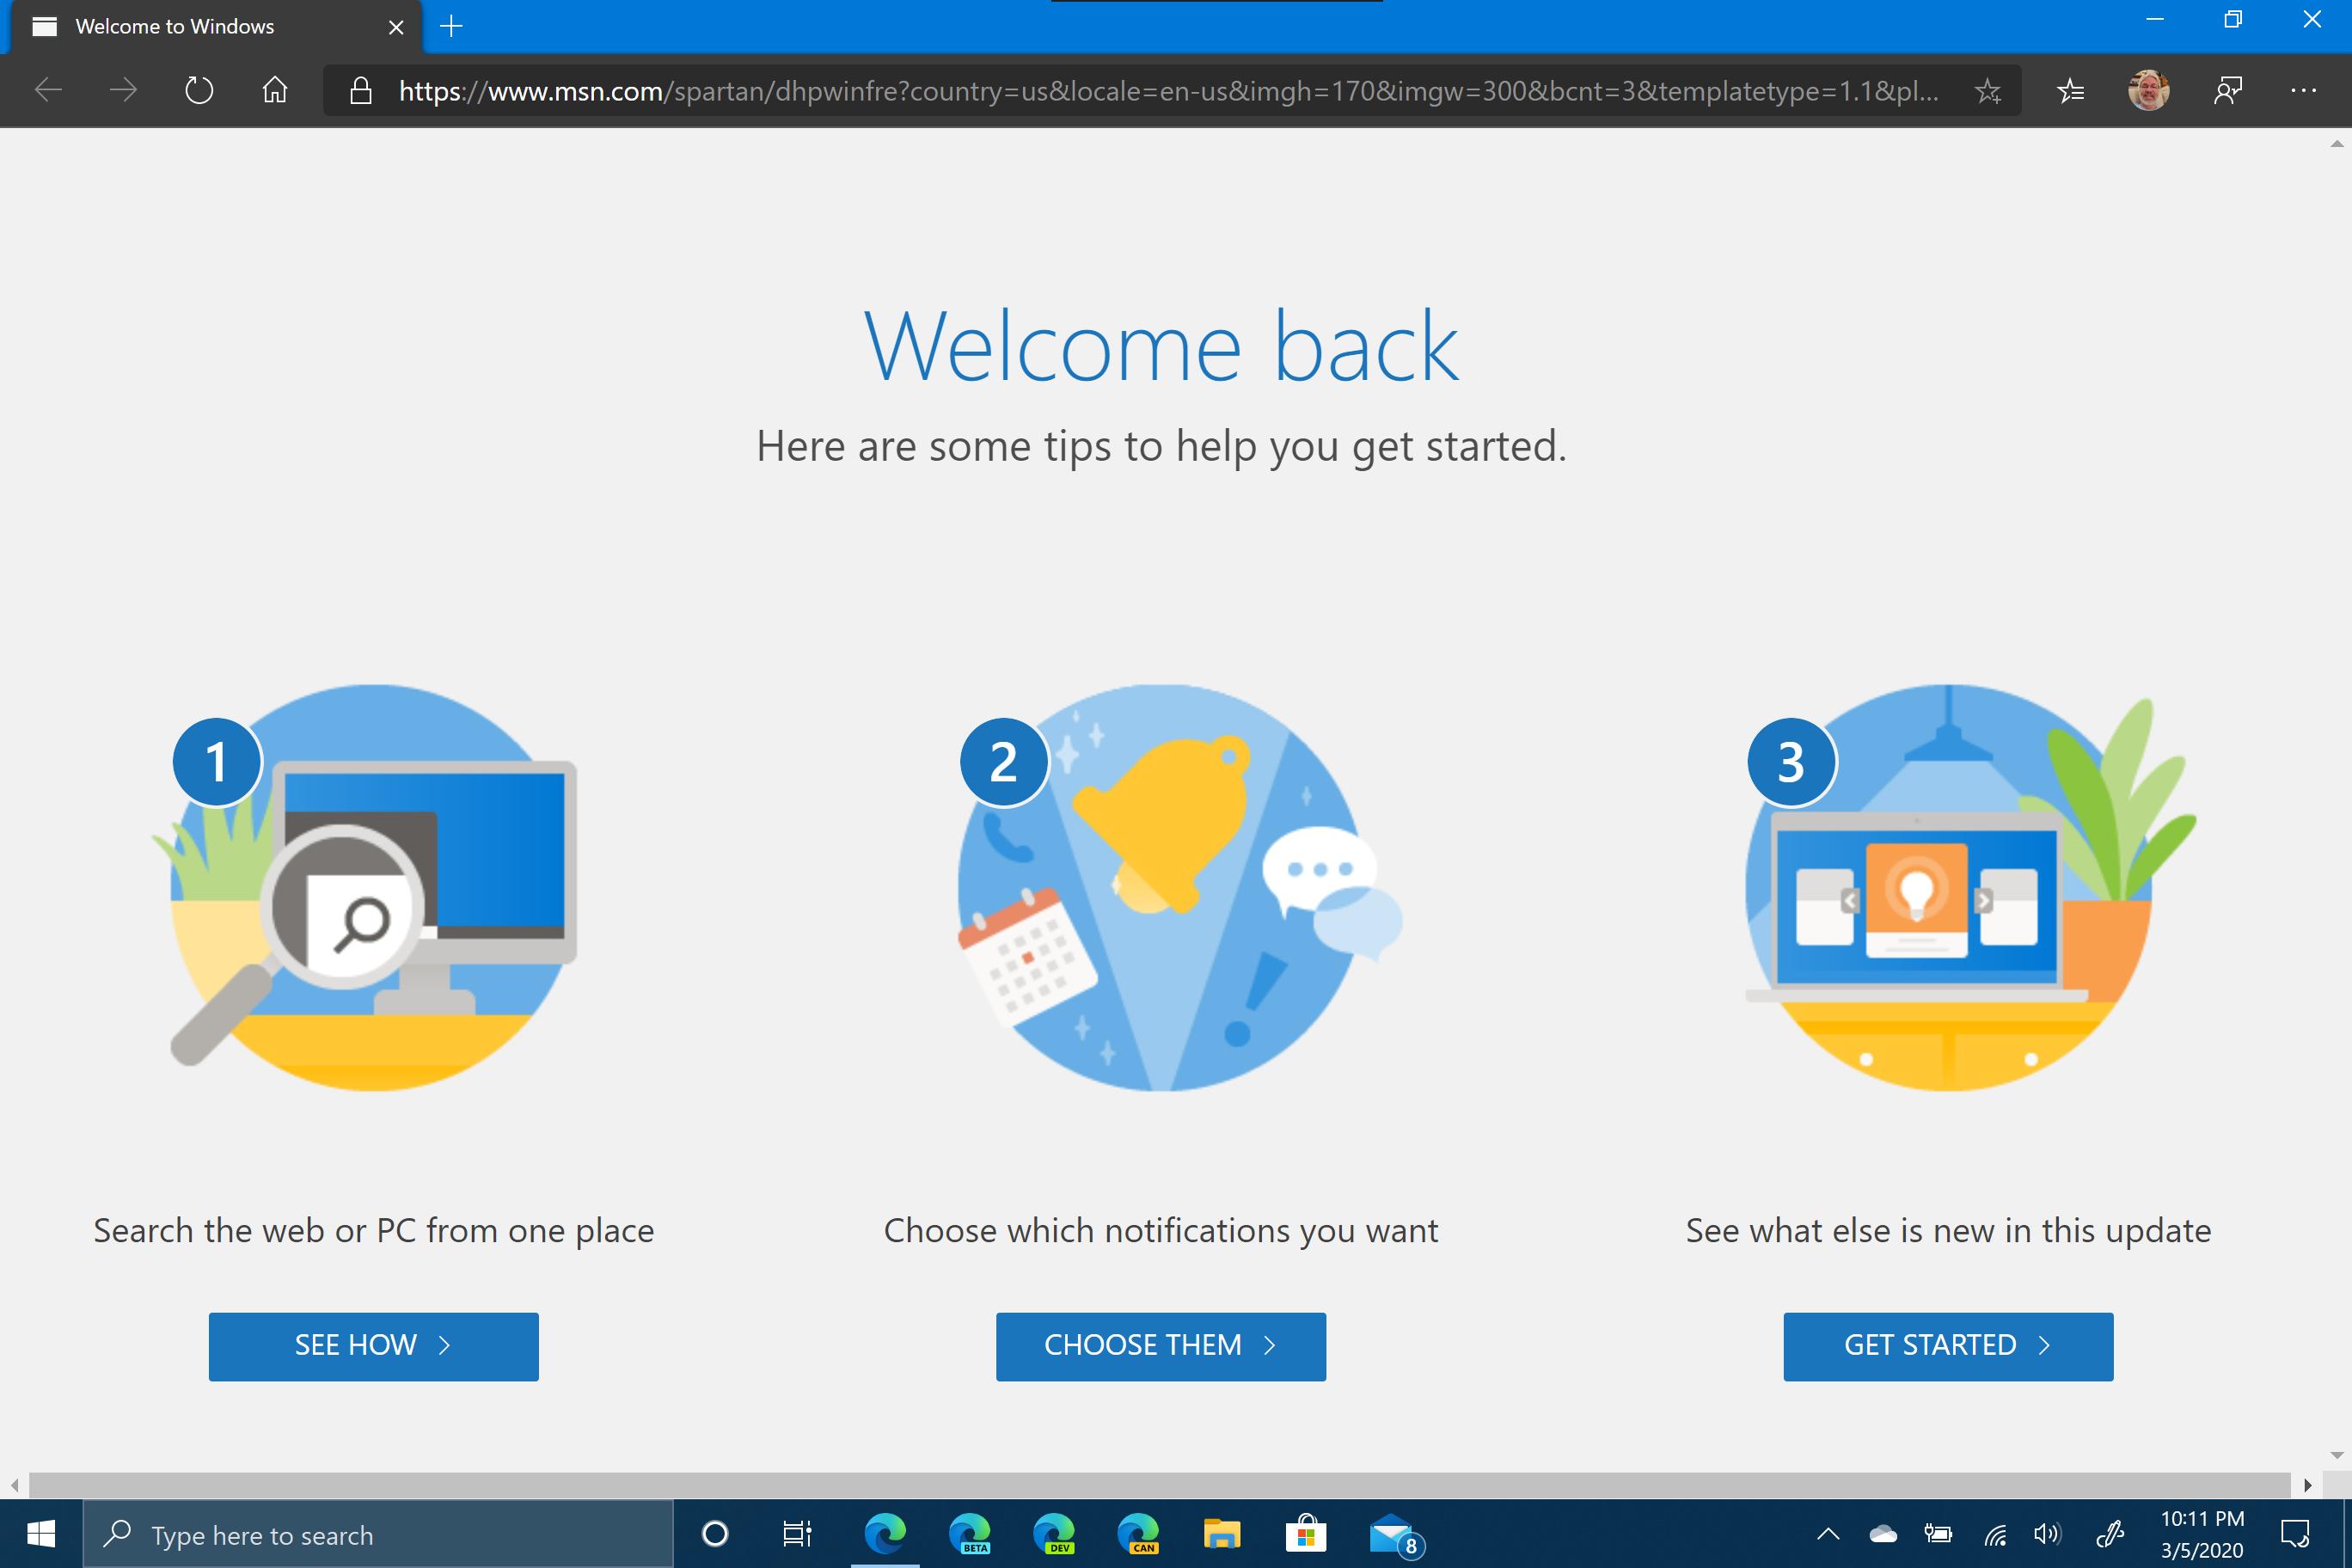 Microsoft Edge Welcome Back Update Screen